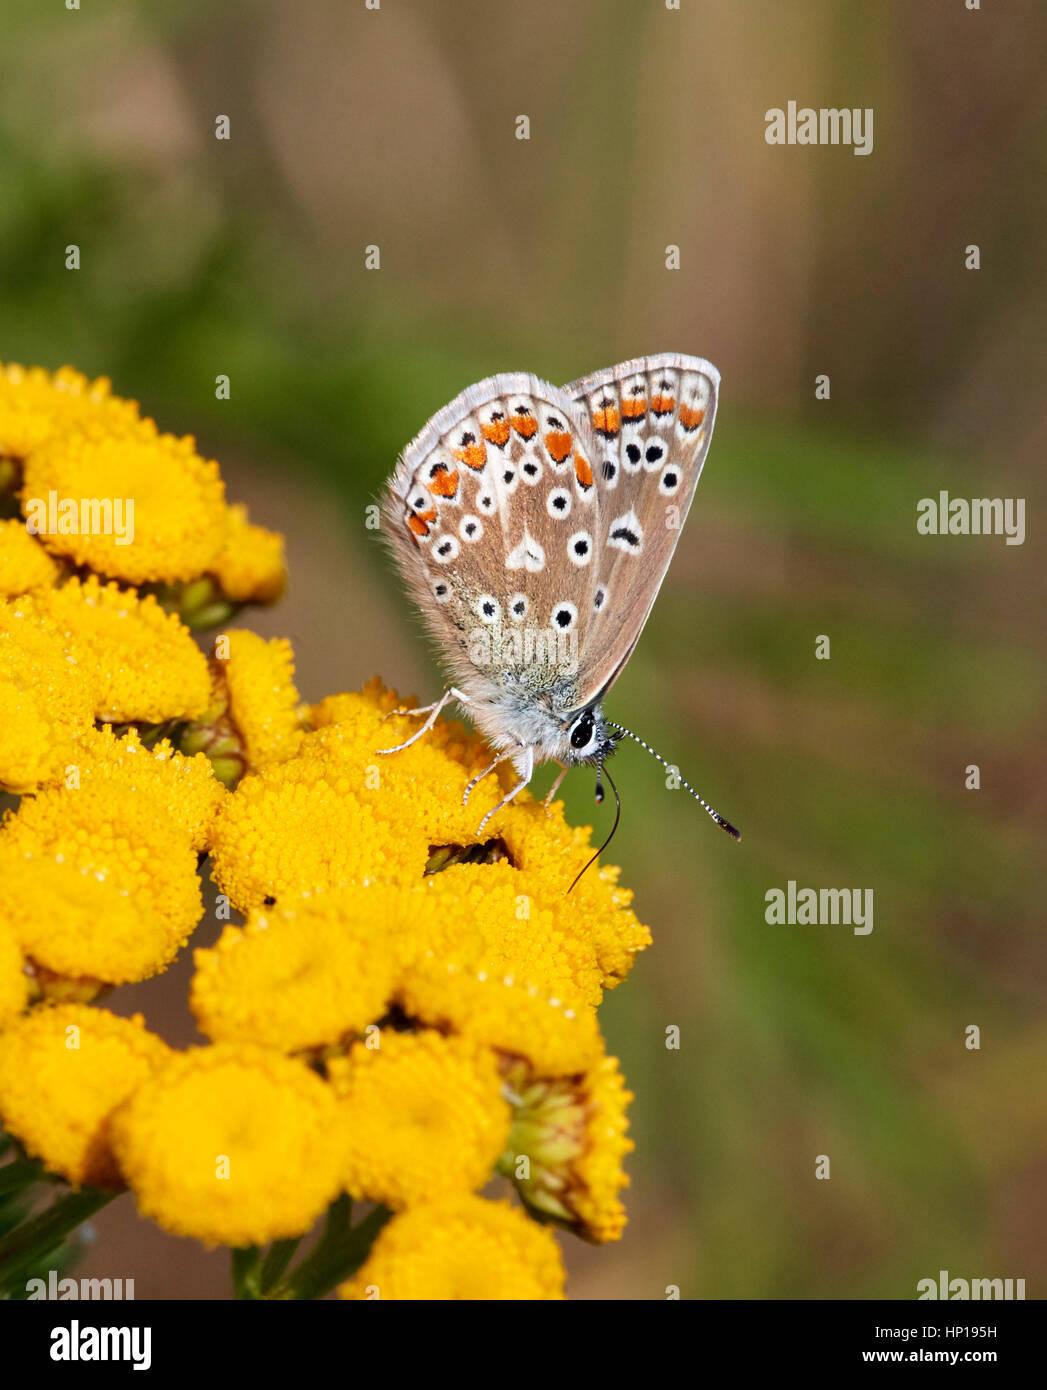 Azul común sobre Tansy nectaring flores. Hurst Park, West Molesey, Surrey, Reino Unido. Imagen De Stock